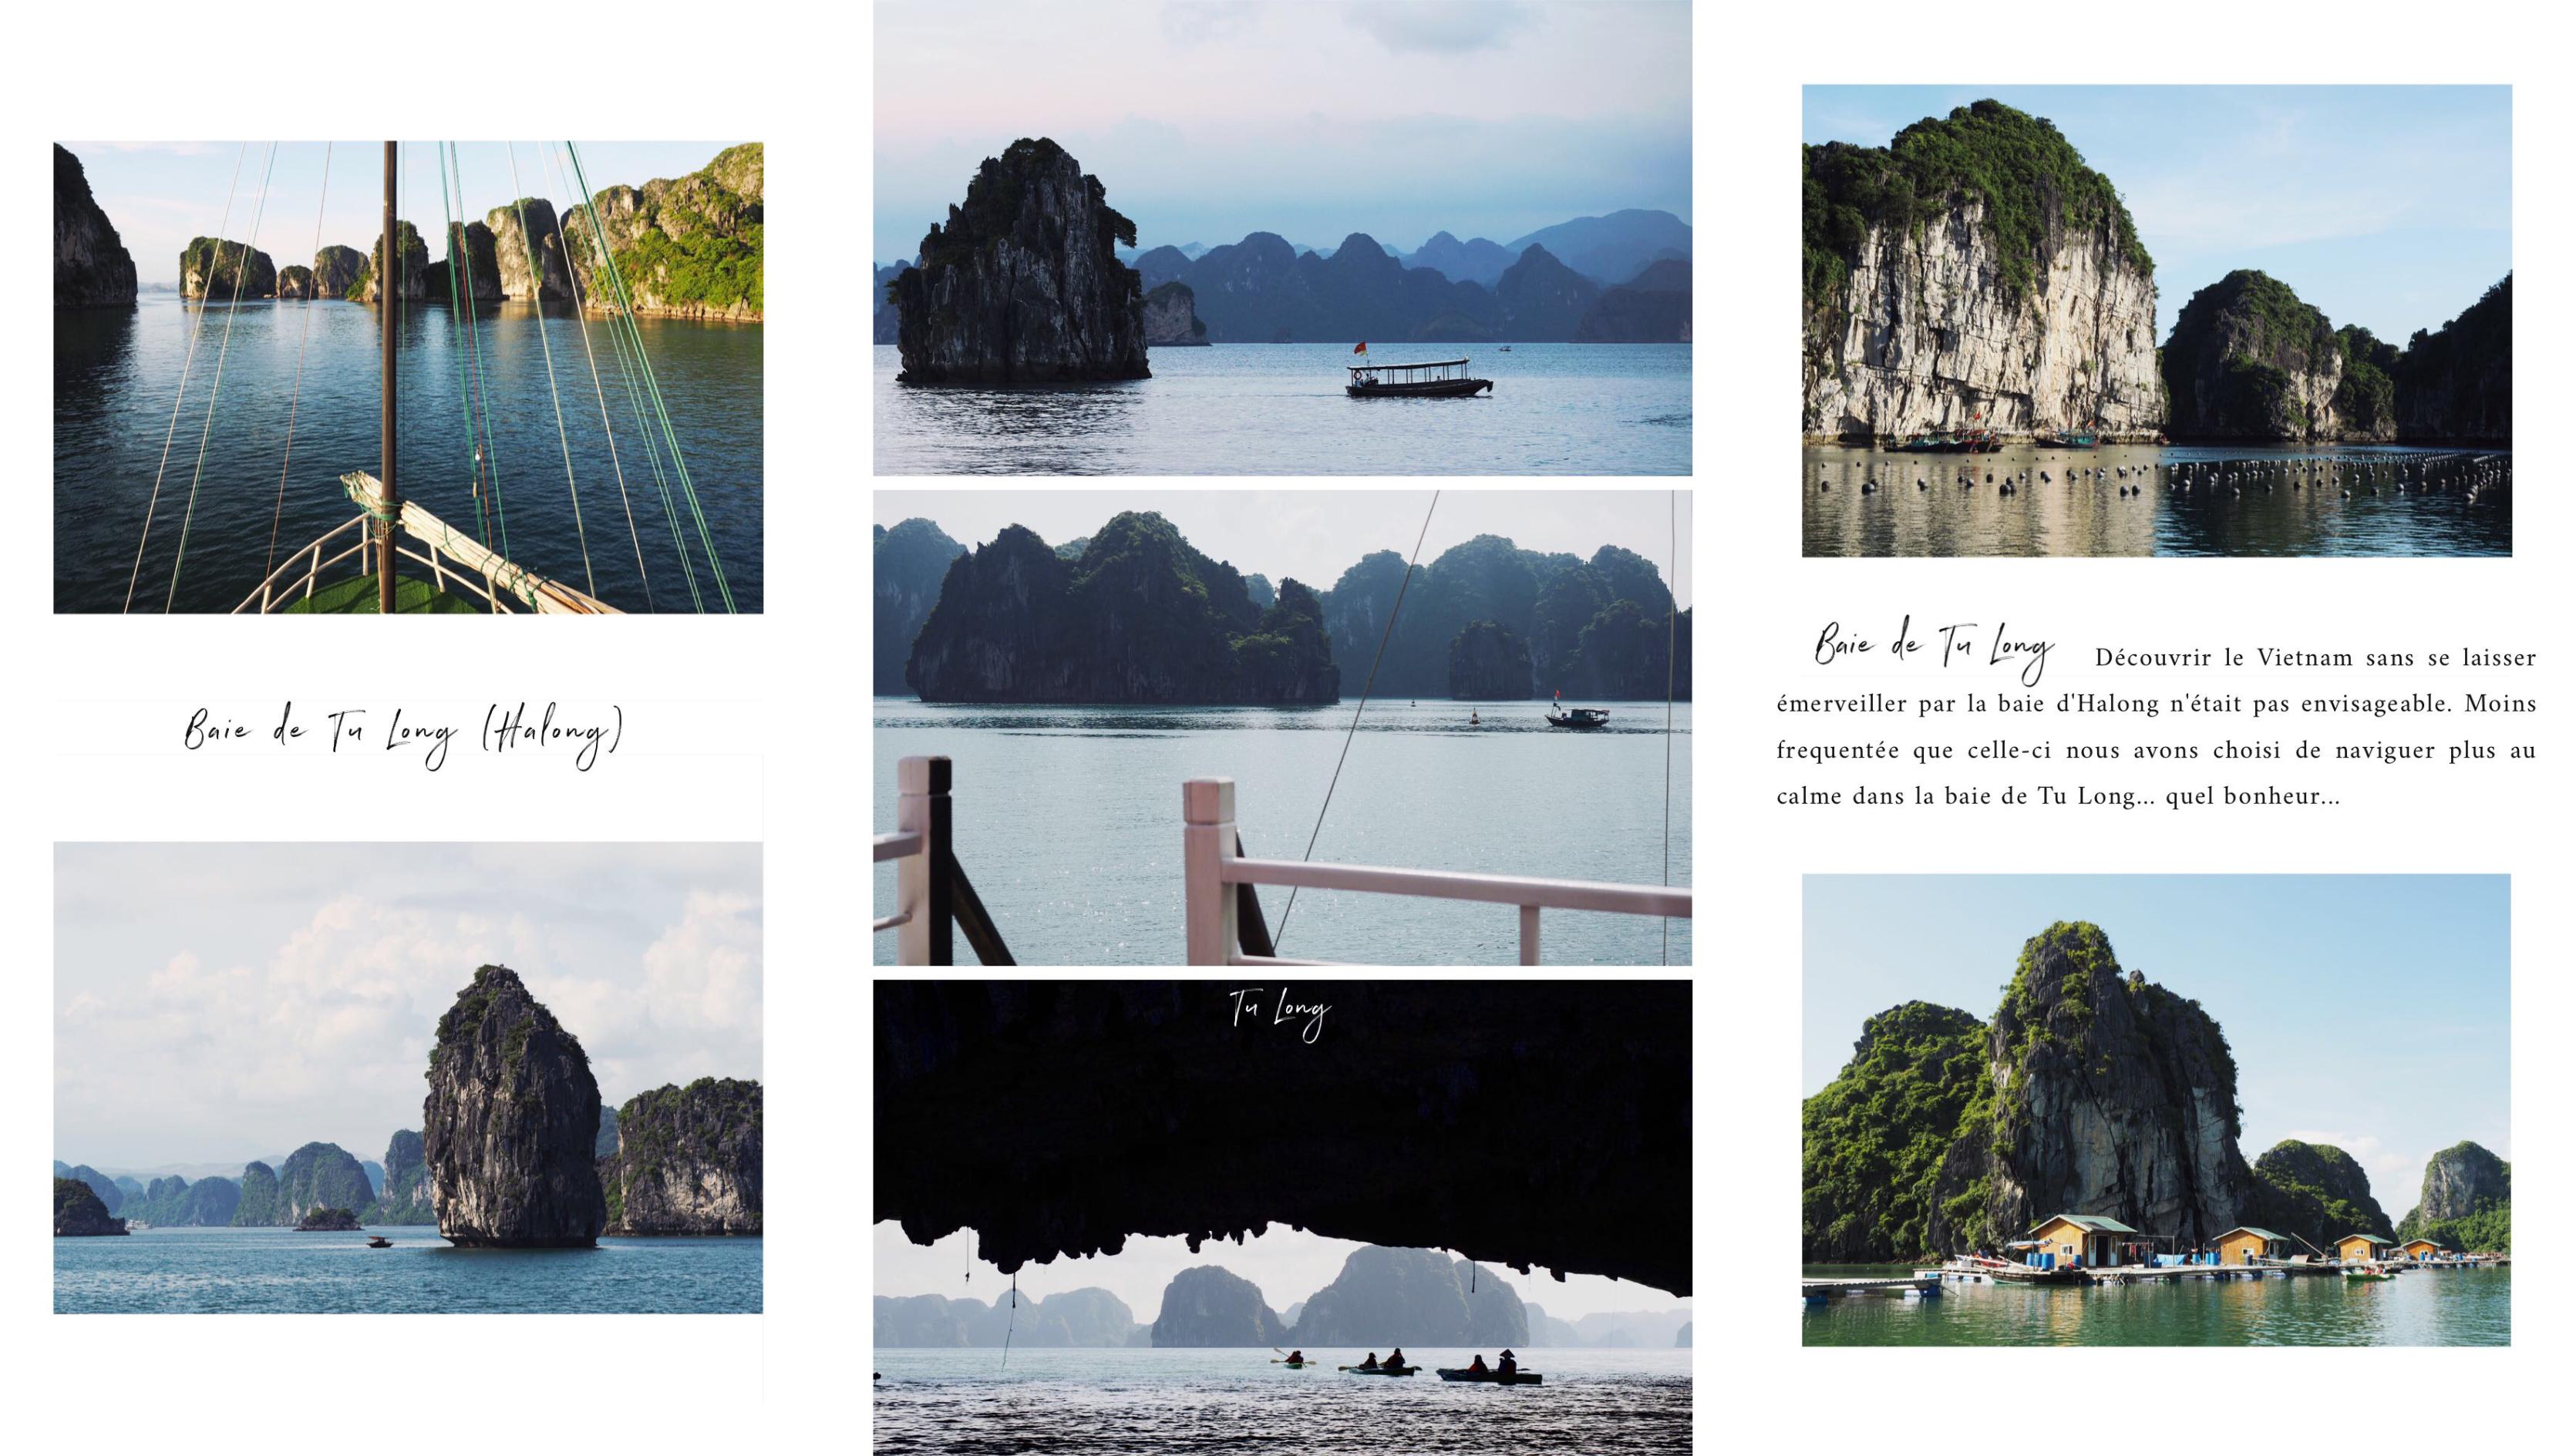 vietnam - asie - découvrir la baie d'Halong en bateau